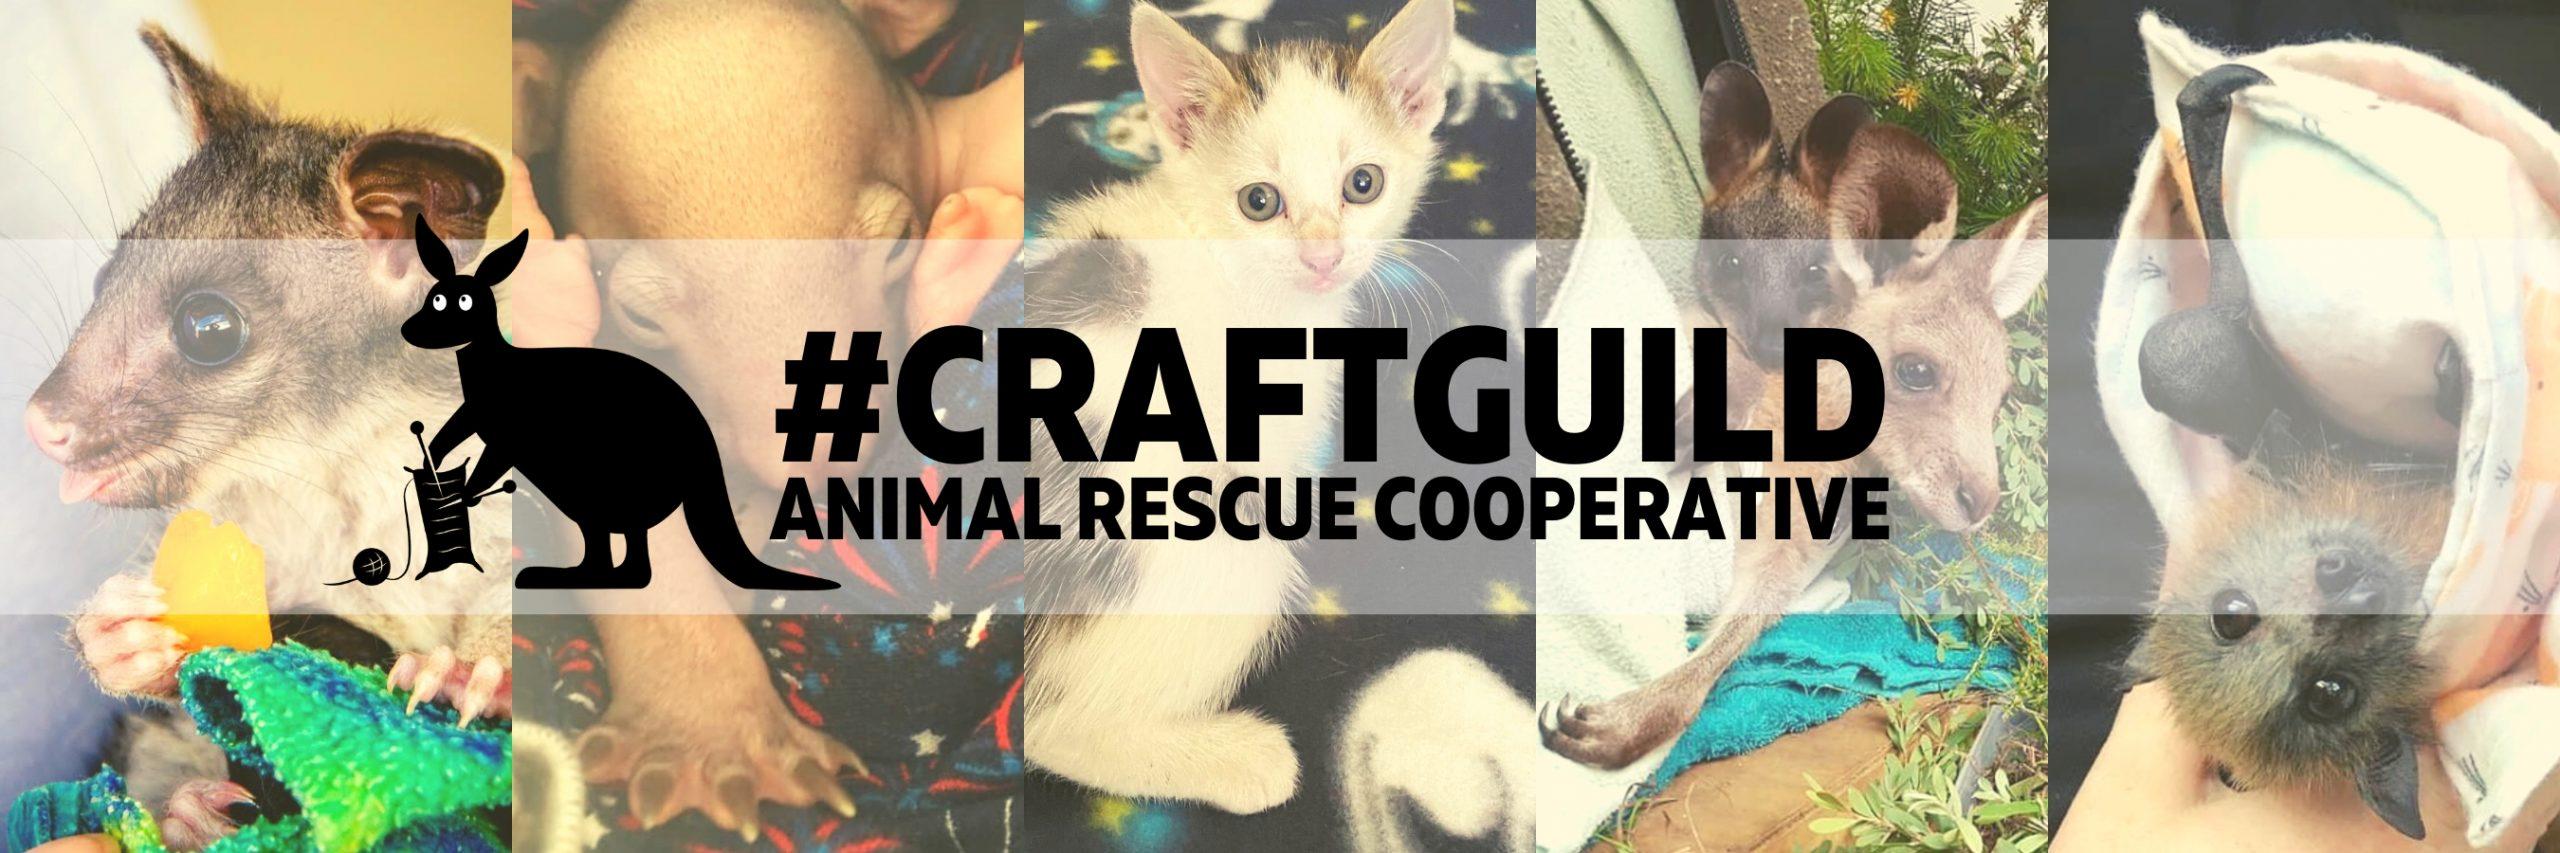 Animal Rescue Cooperative Craft Guild